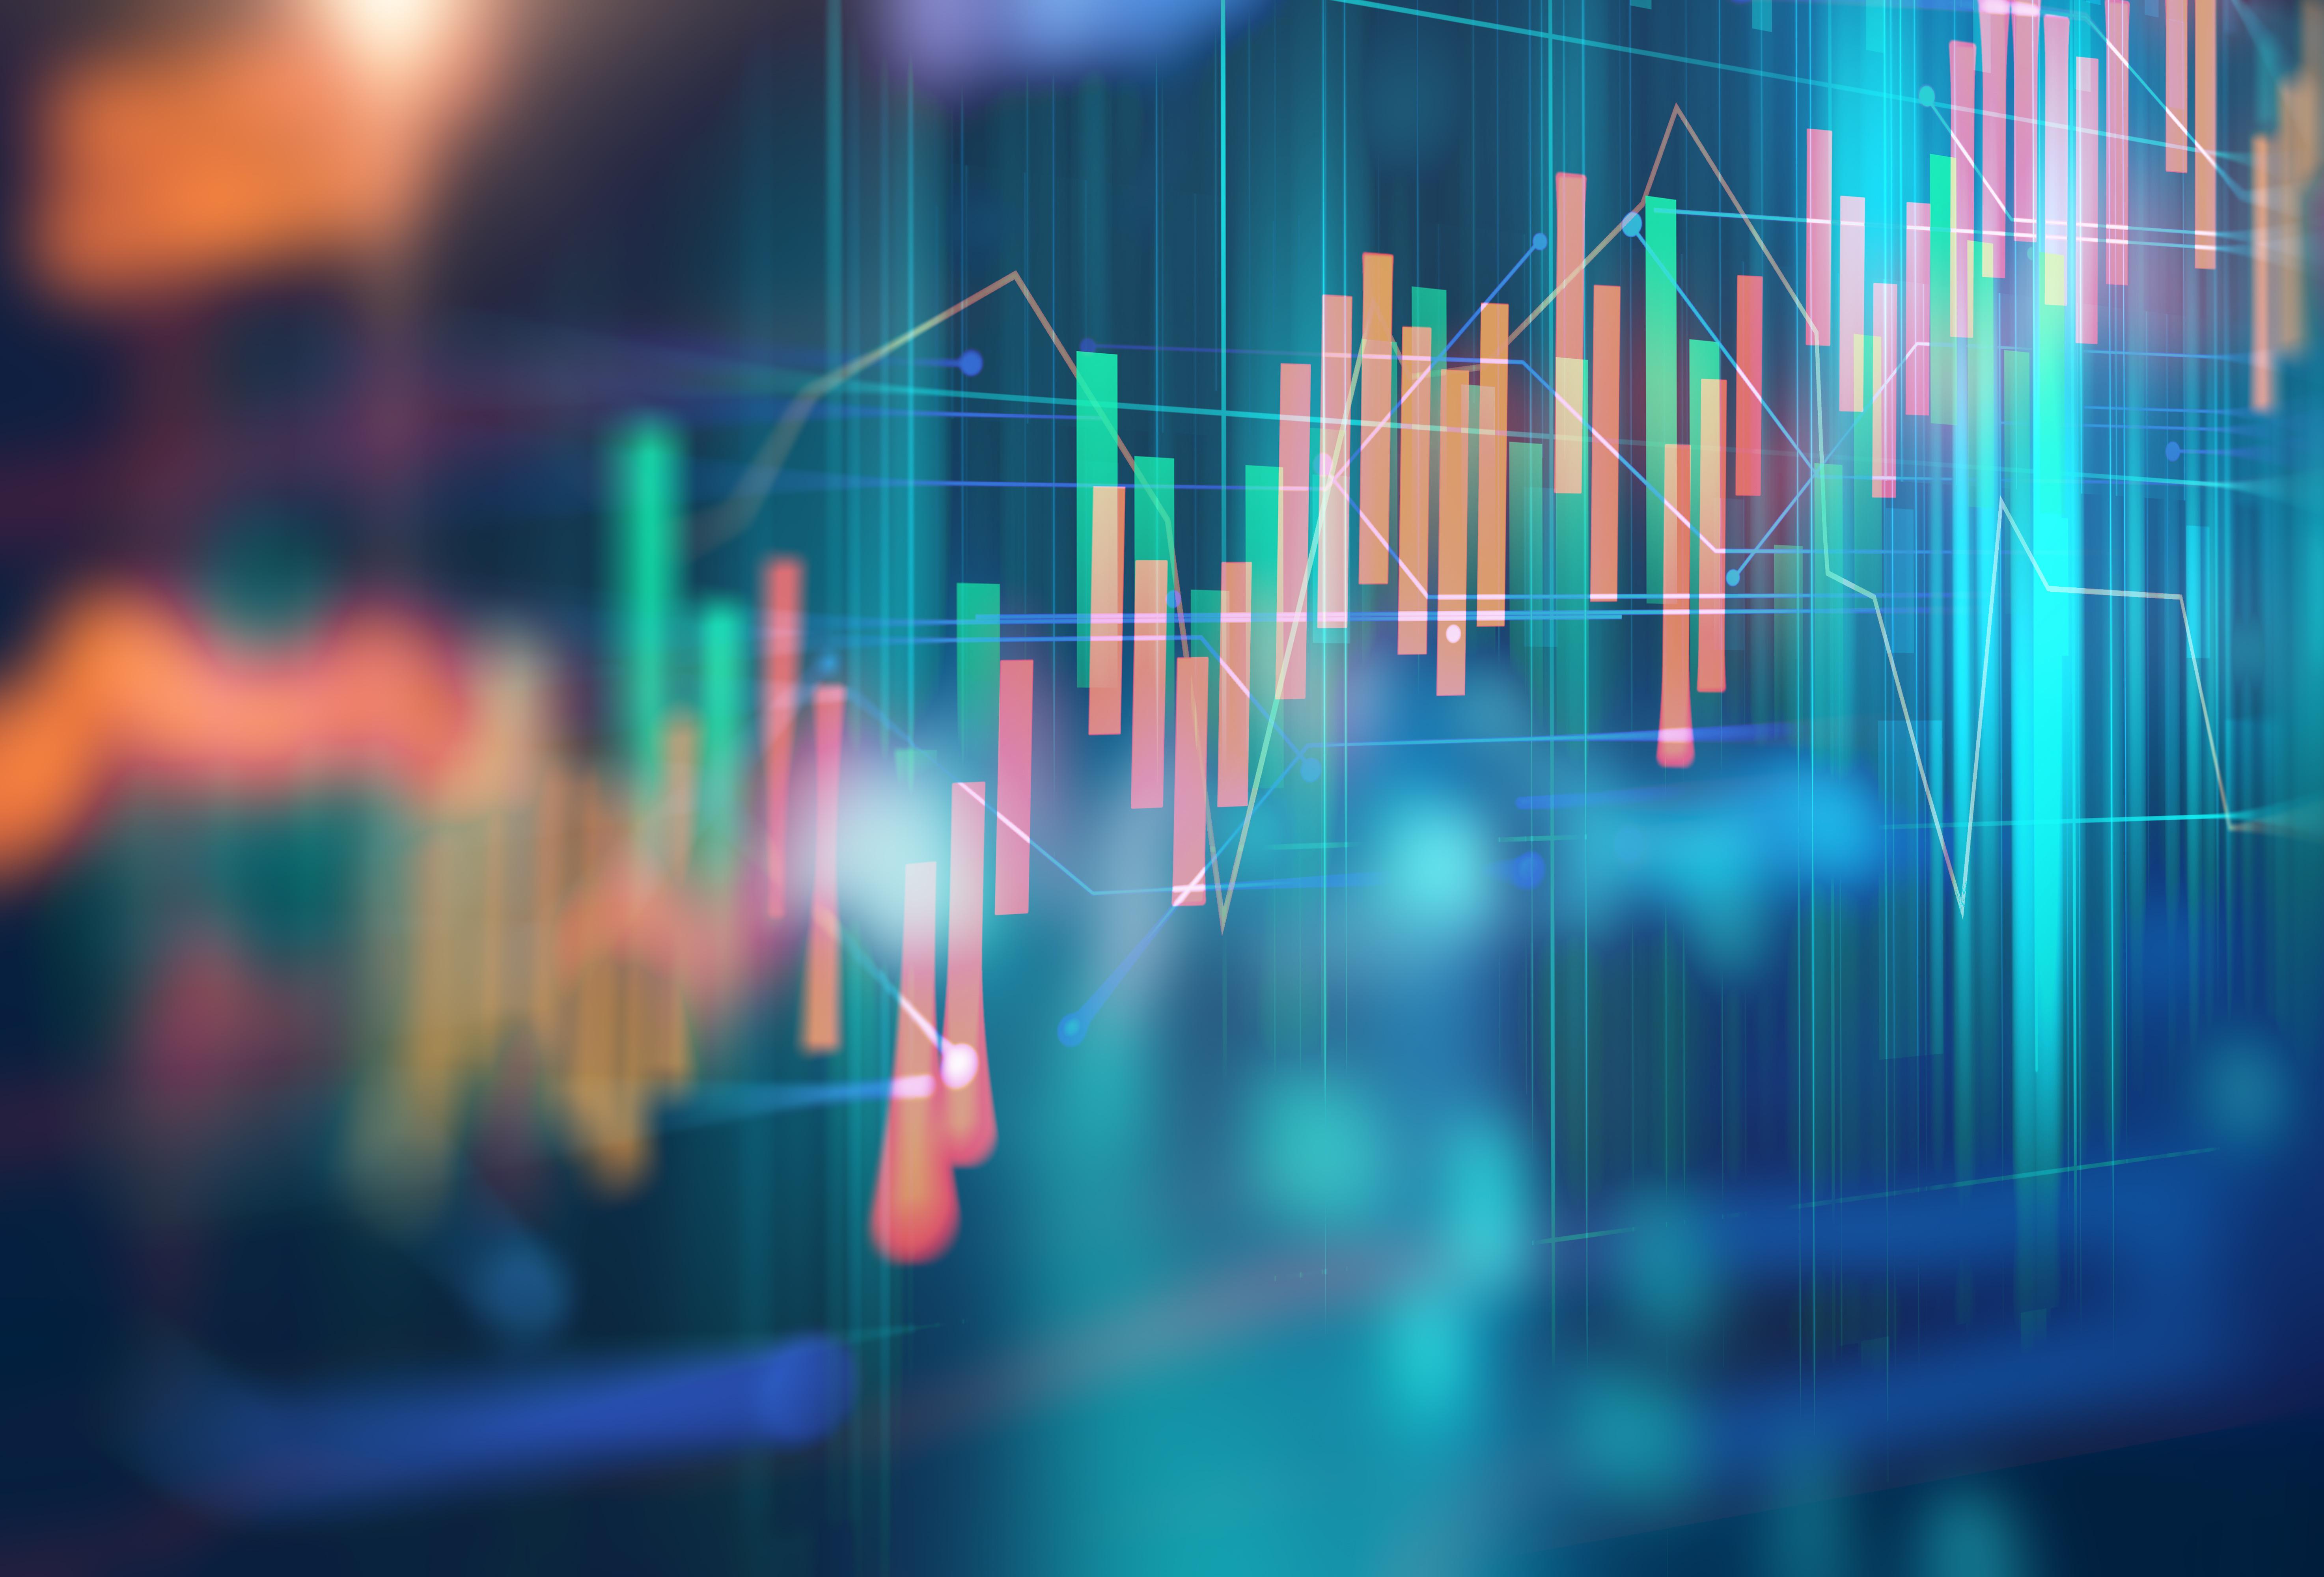 Avantages de la responsabilité sociale d'entreprise : graphique financier technique sur fond technologique